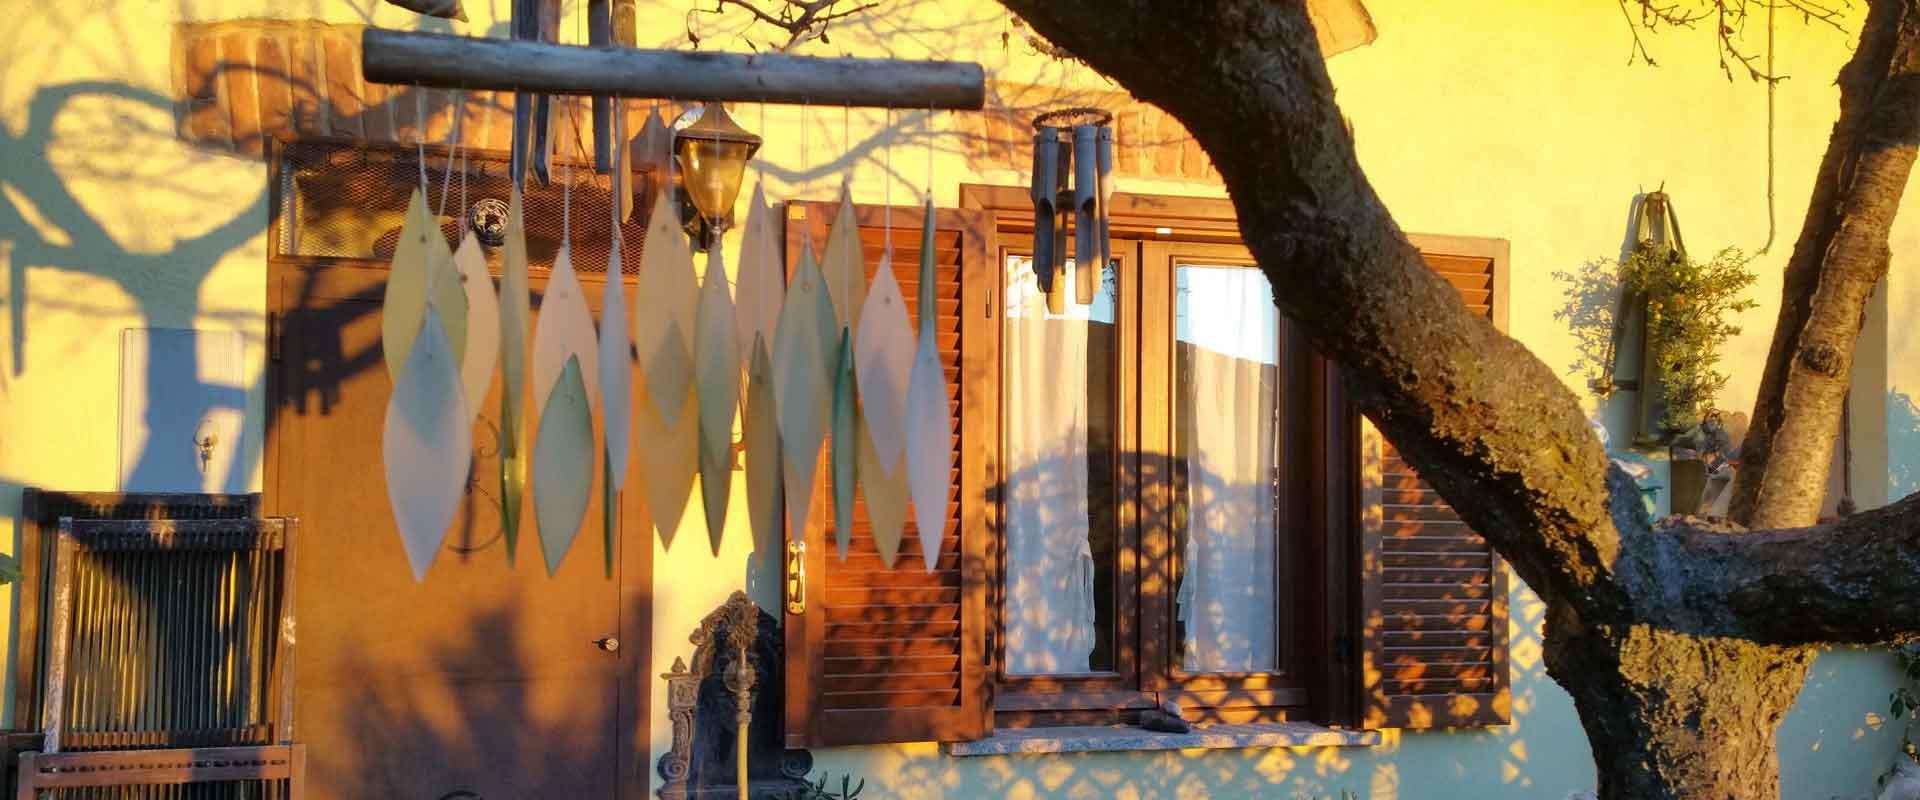 B&B & Meditation Center